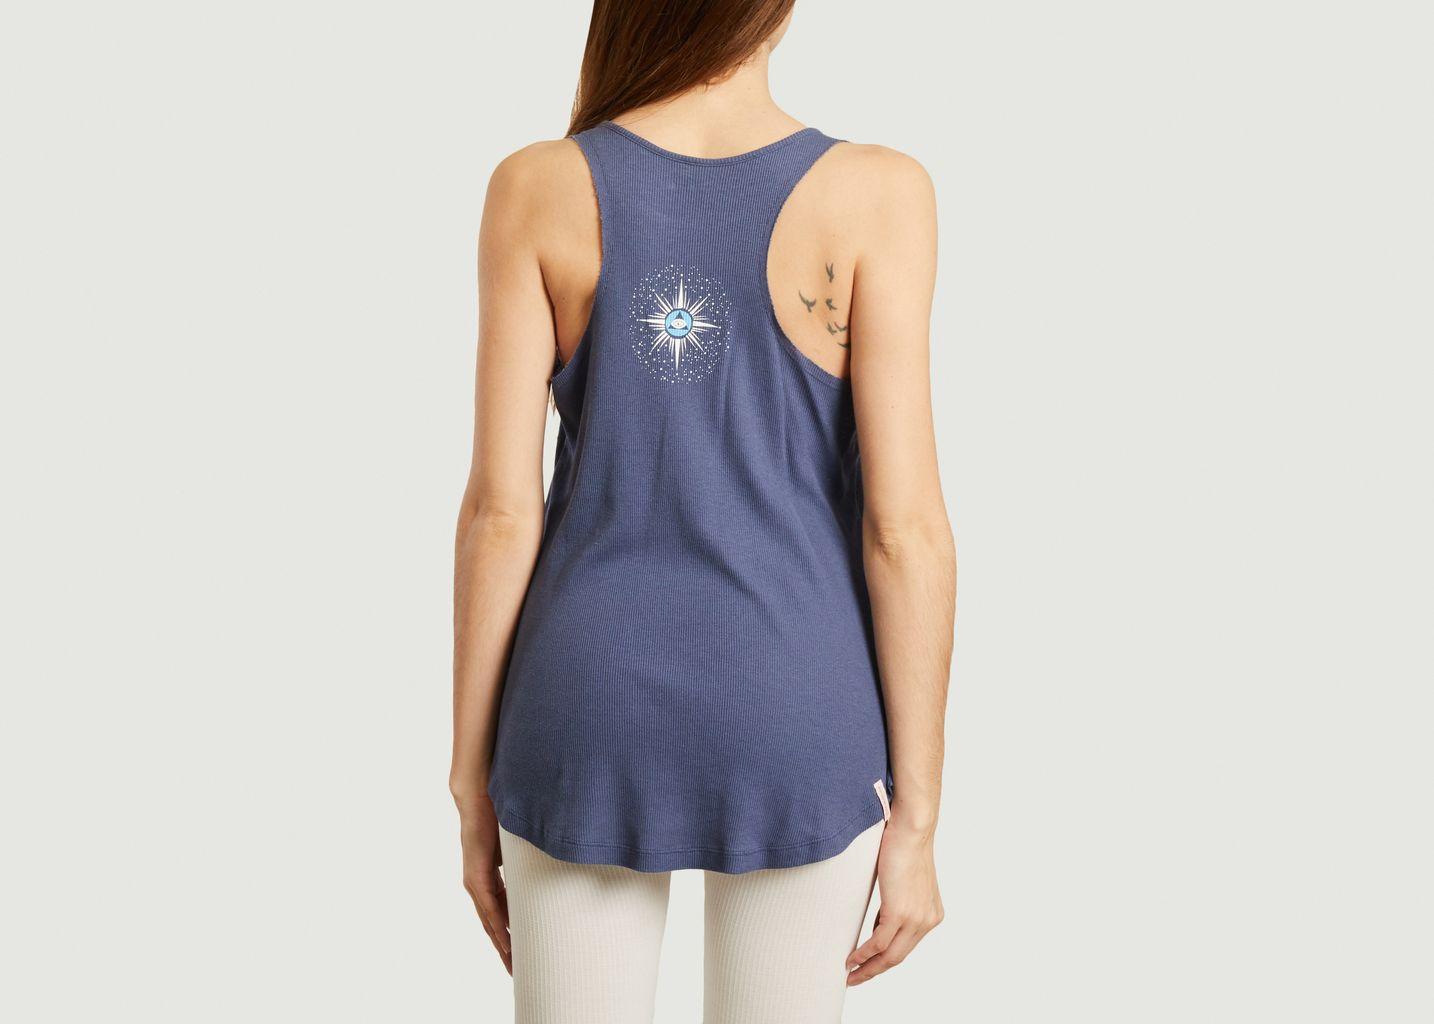 Débardeur de yoga en coton et modal Paripurna - Yoga searcher